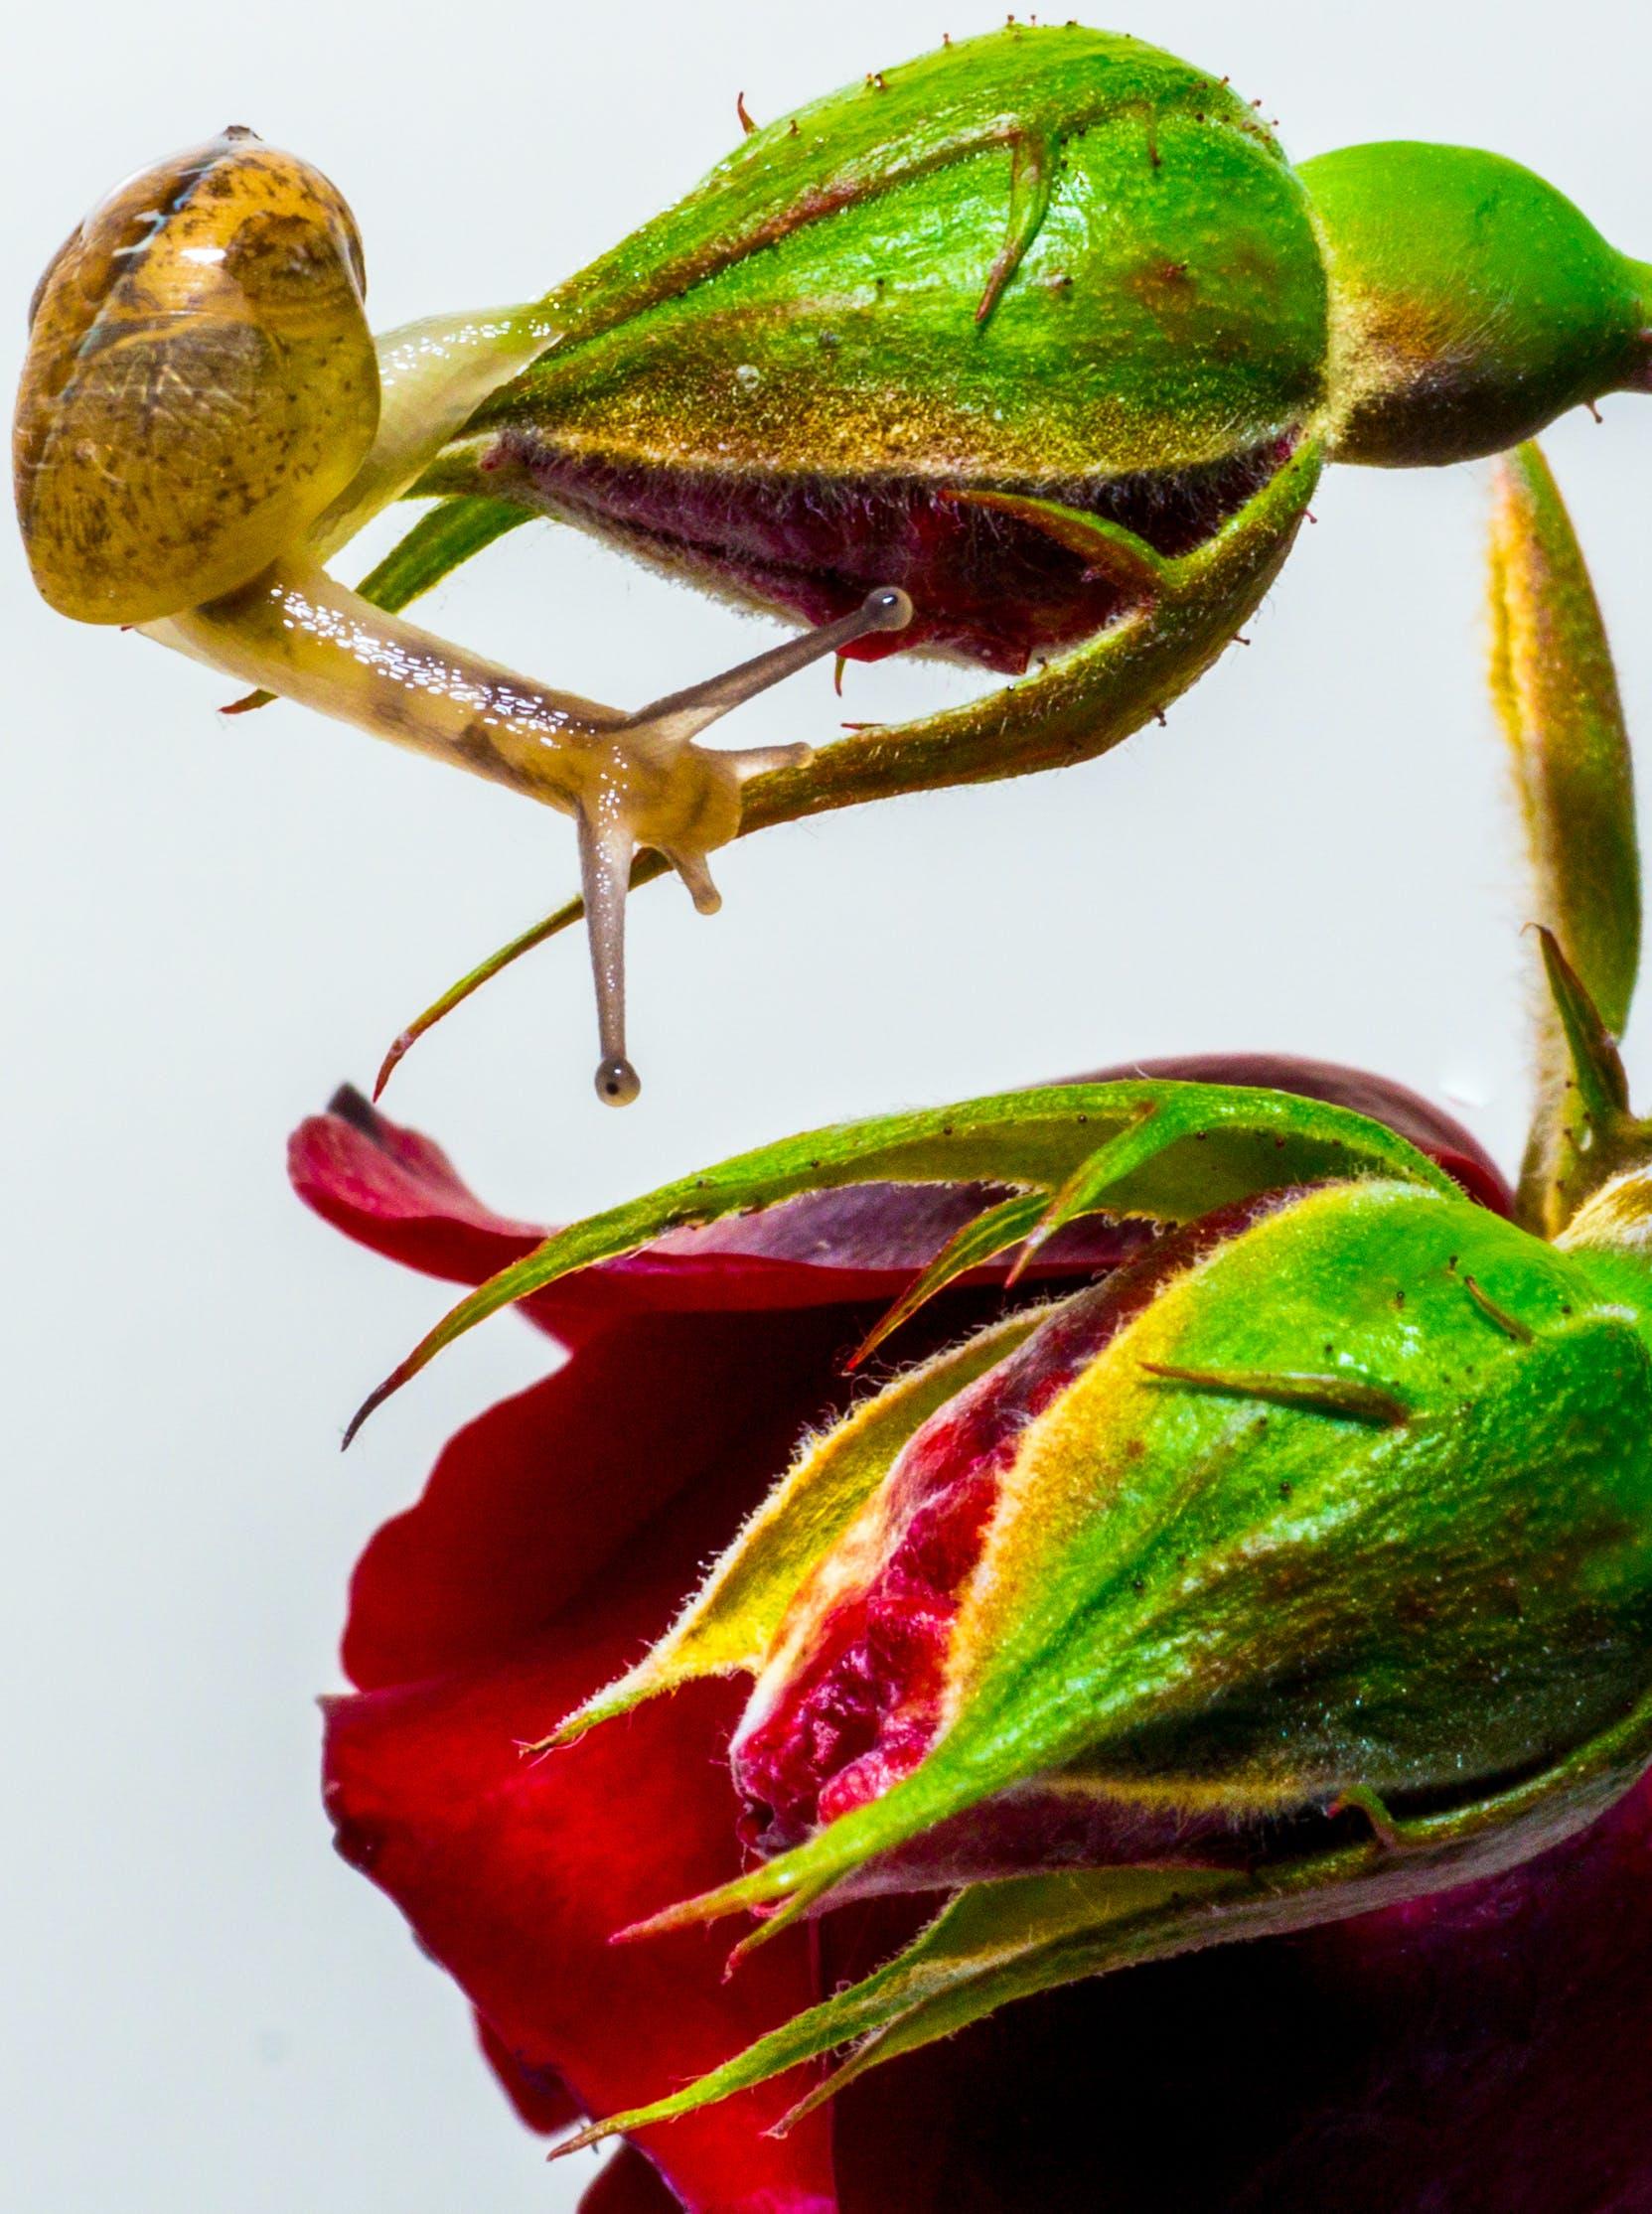 slug, snail